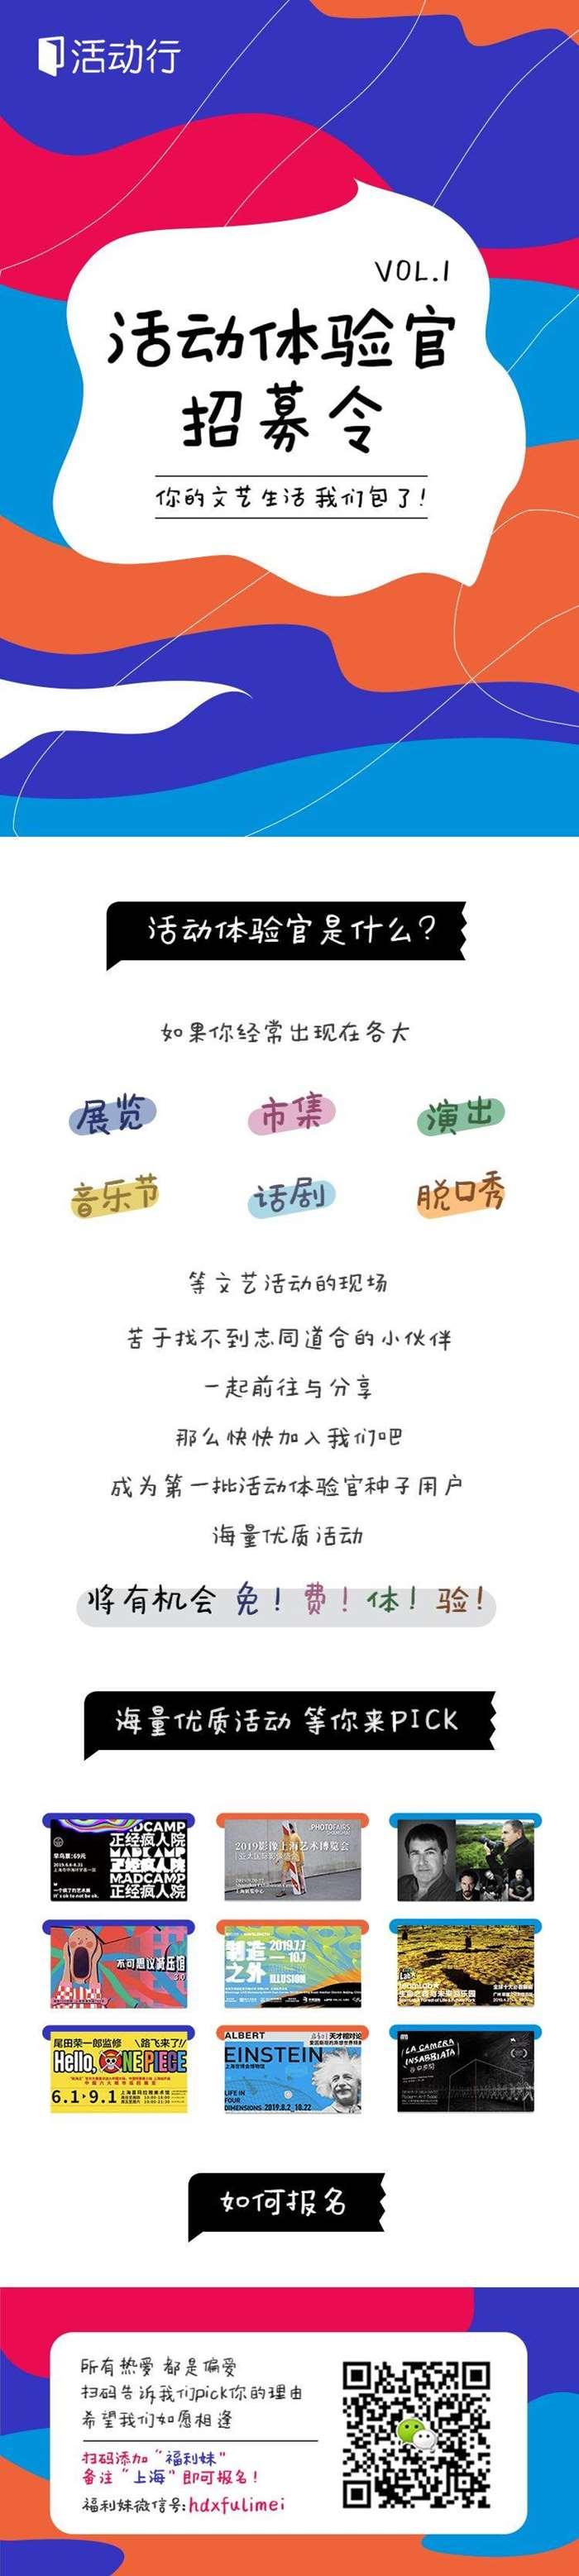 活动体验官招募令页面1.jpg